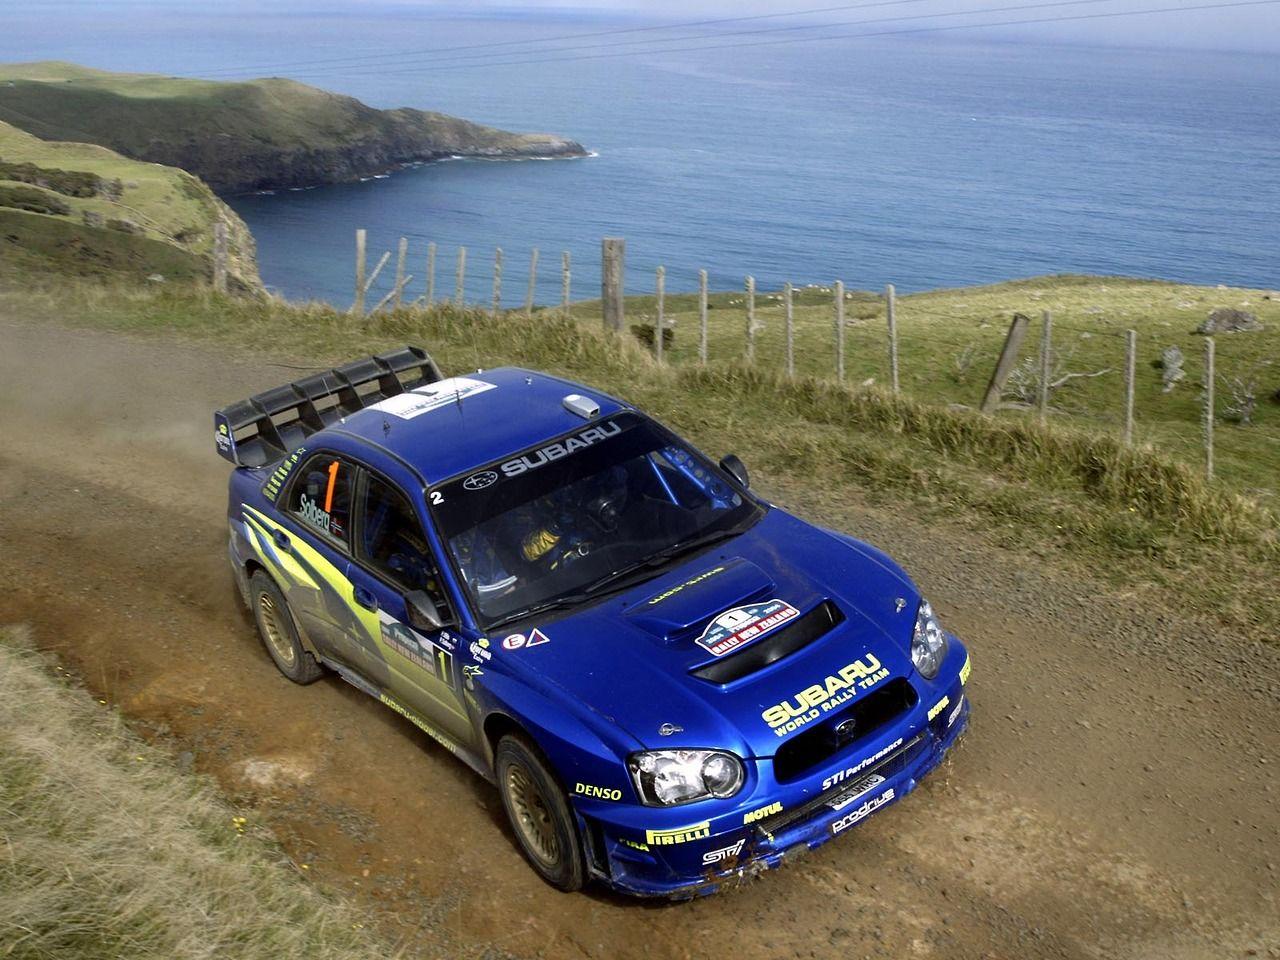 Subaru Impreza WRC rally car Subaru cars, Subaru impreza